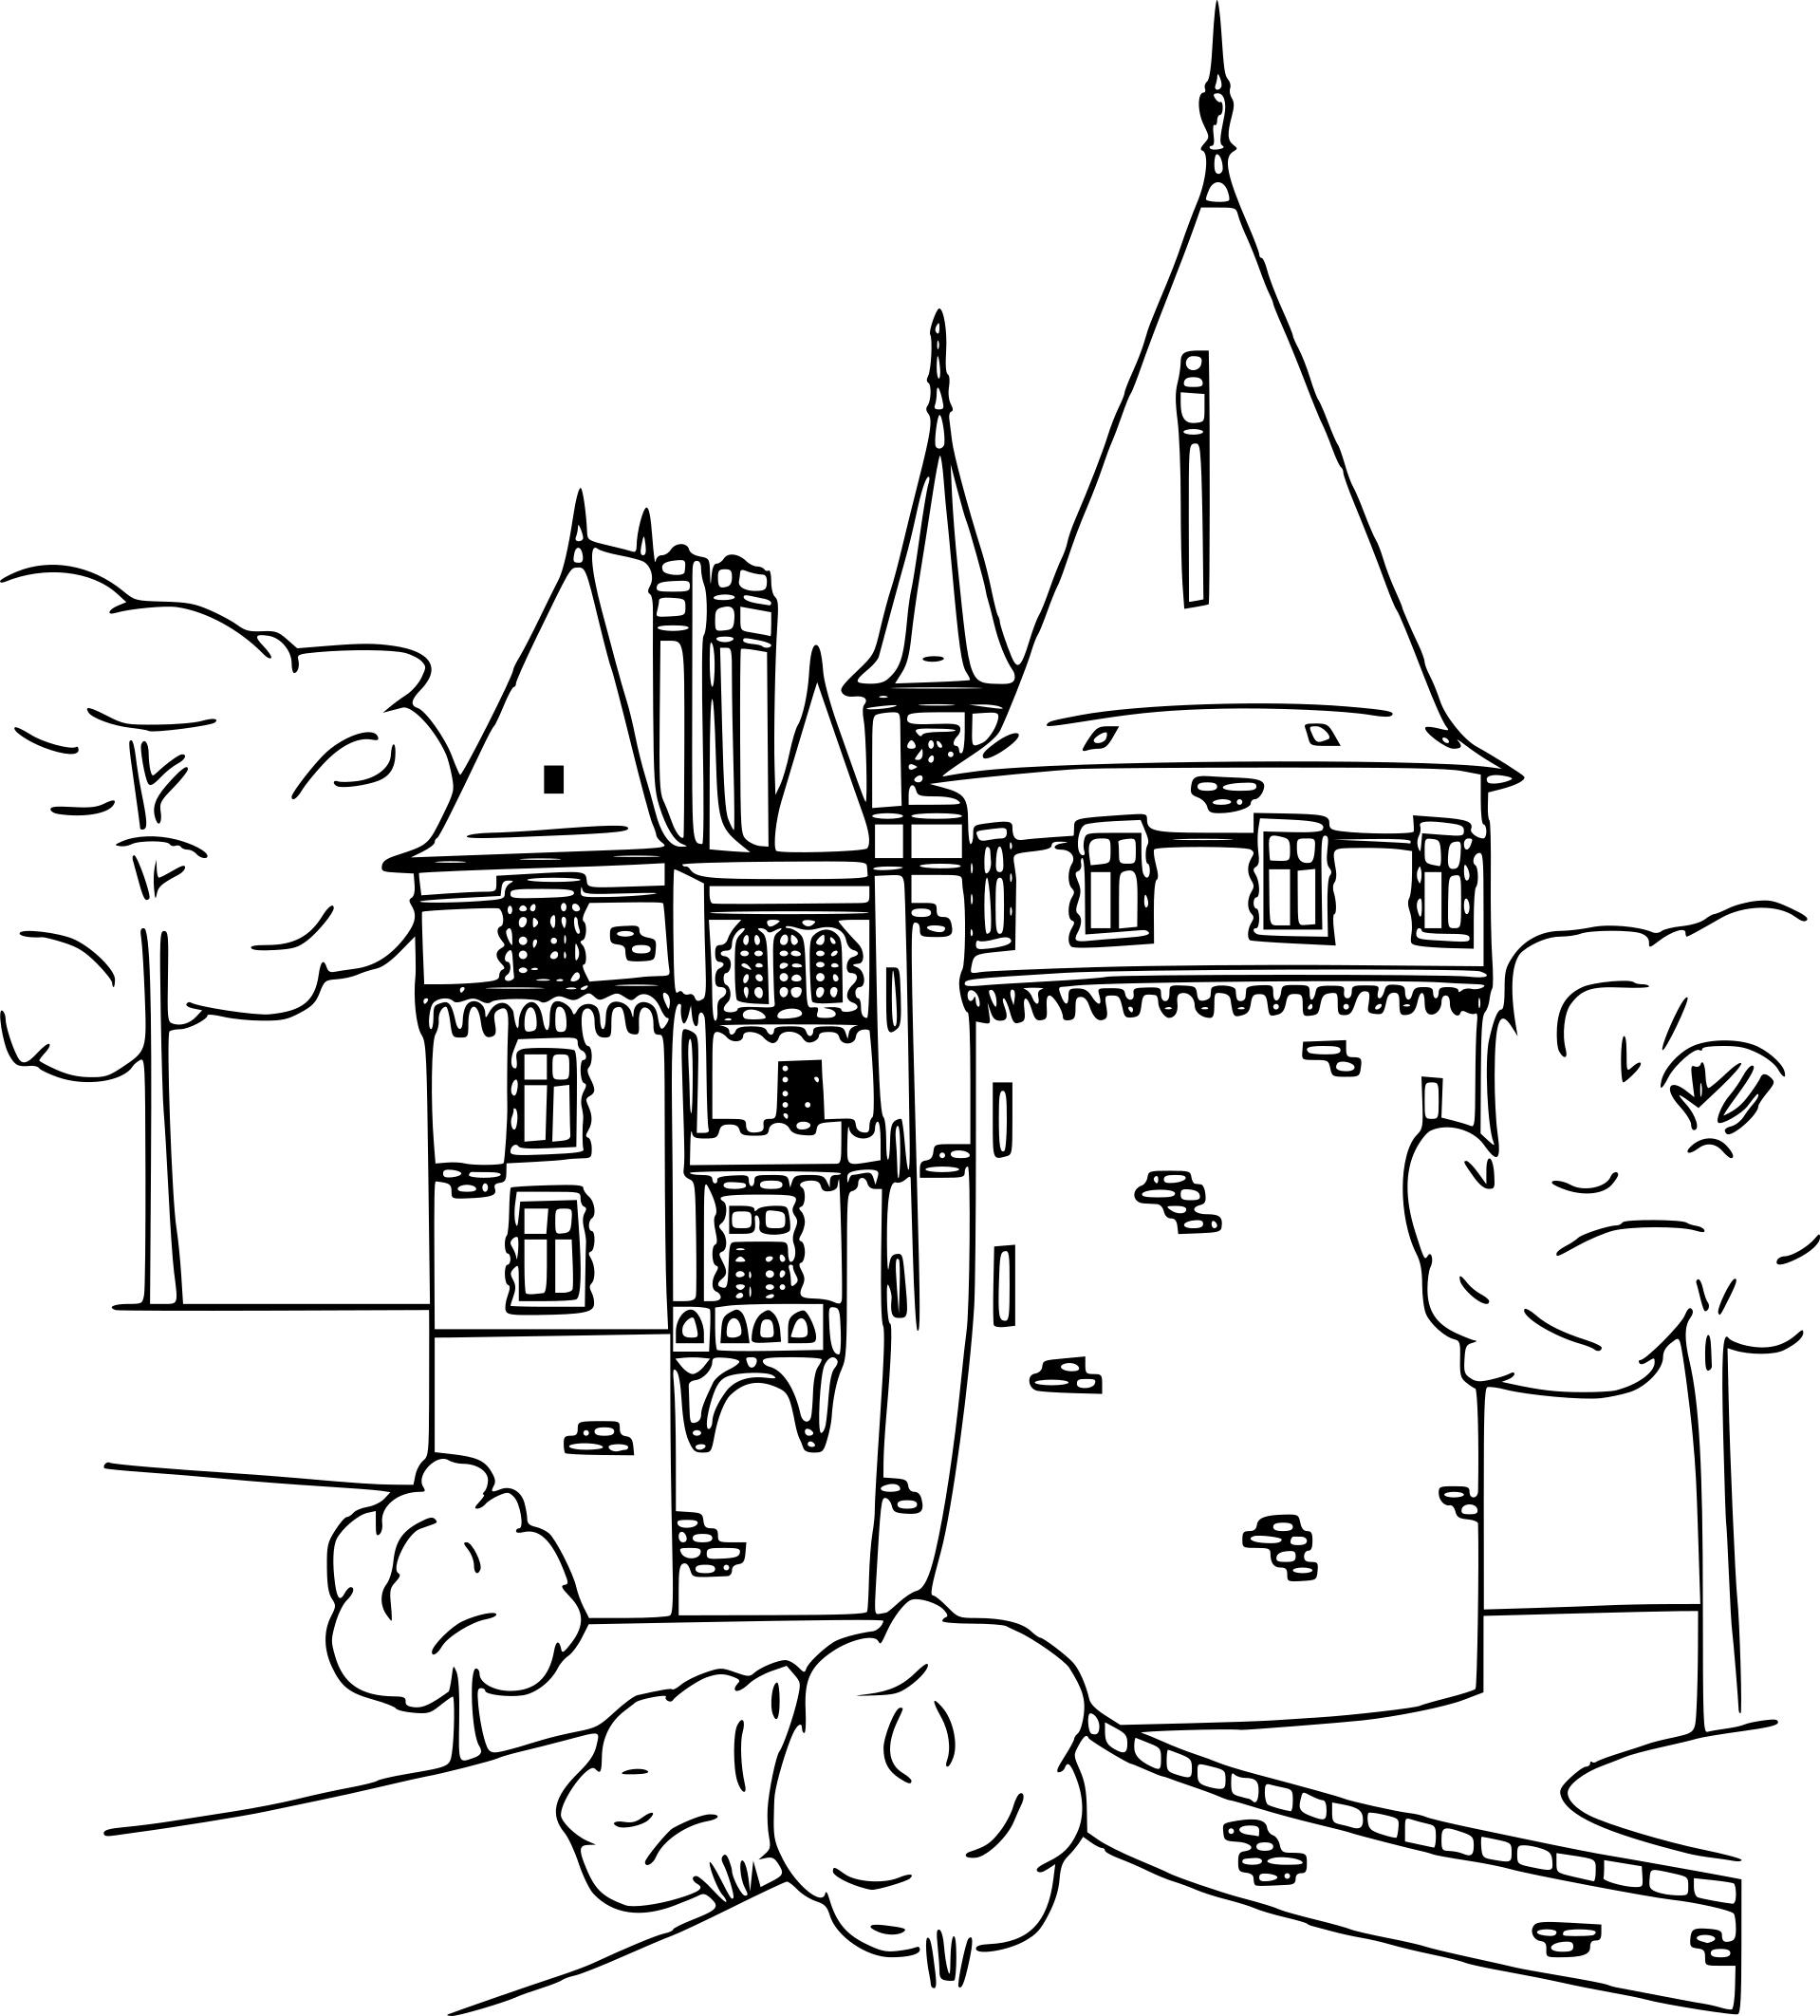 Meilleur De Image A Colorier Chateau Fort tout Coloriage Chateau Hanté